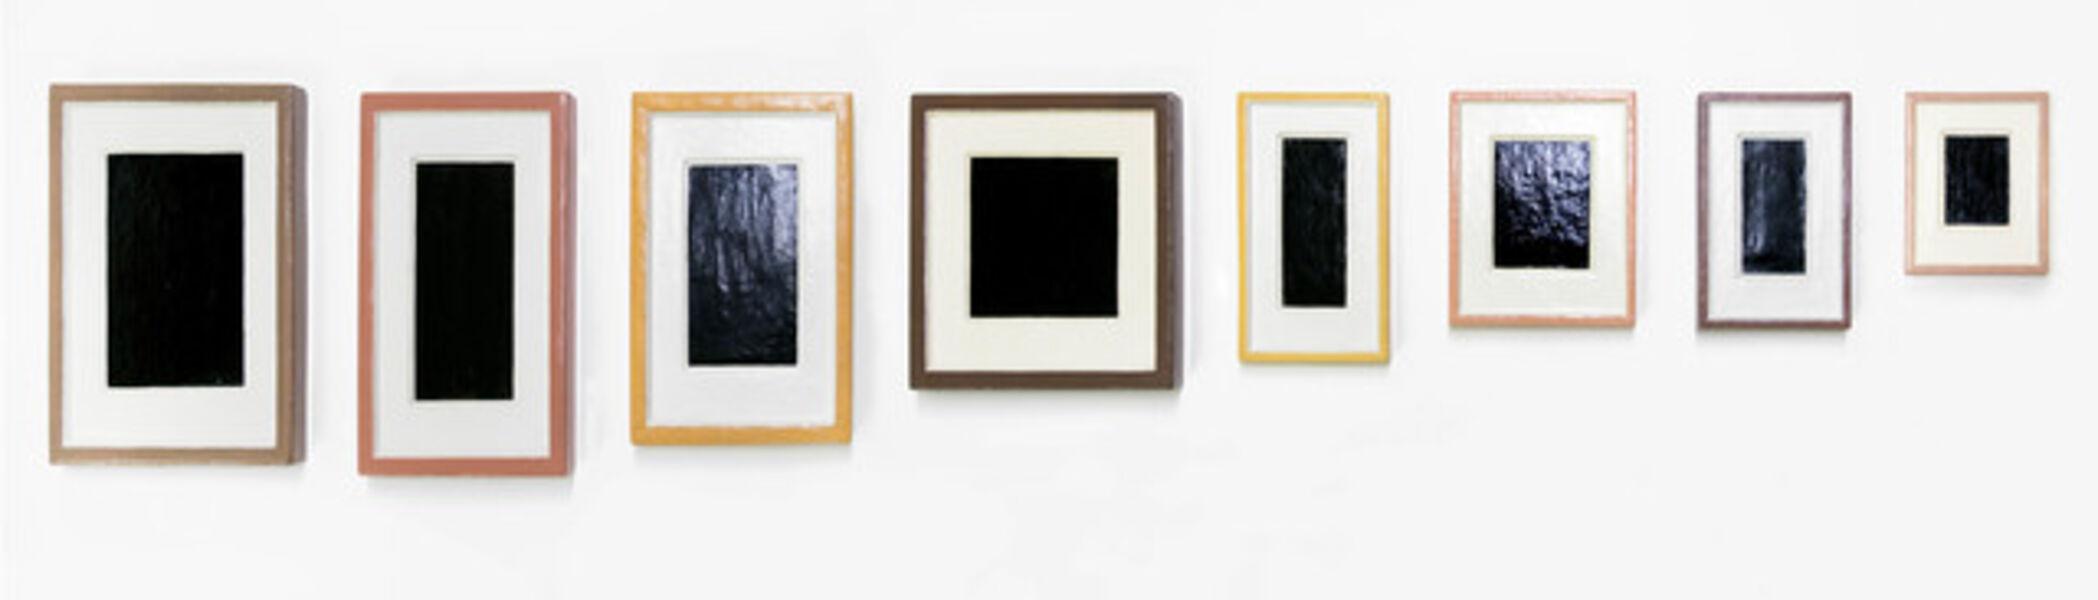 Allan McCollum, 'Surrogates', 1993